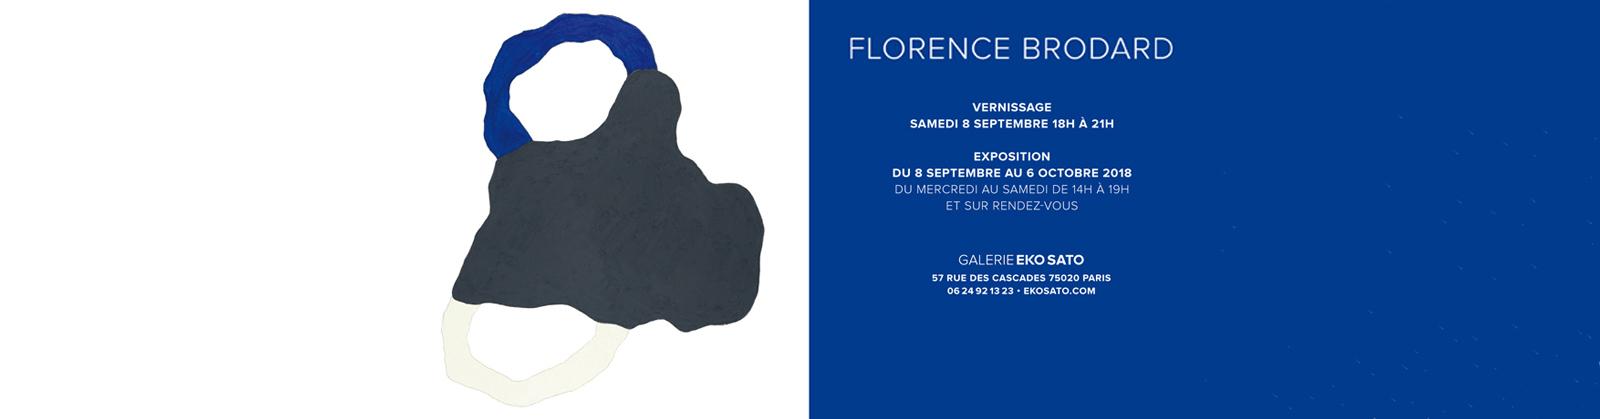 Florence Brodard Vernissage V